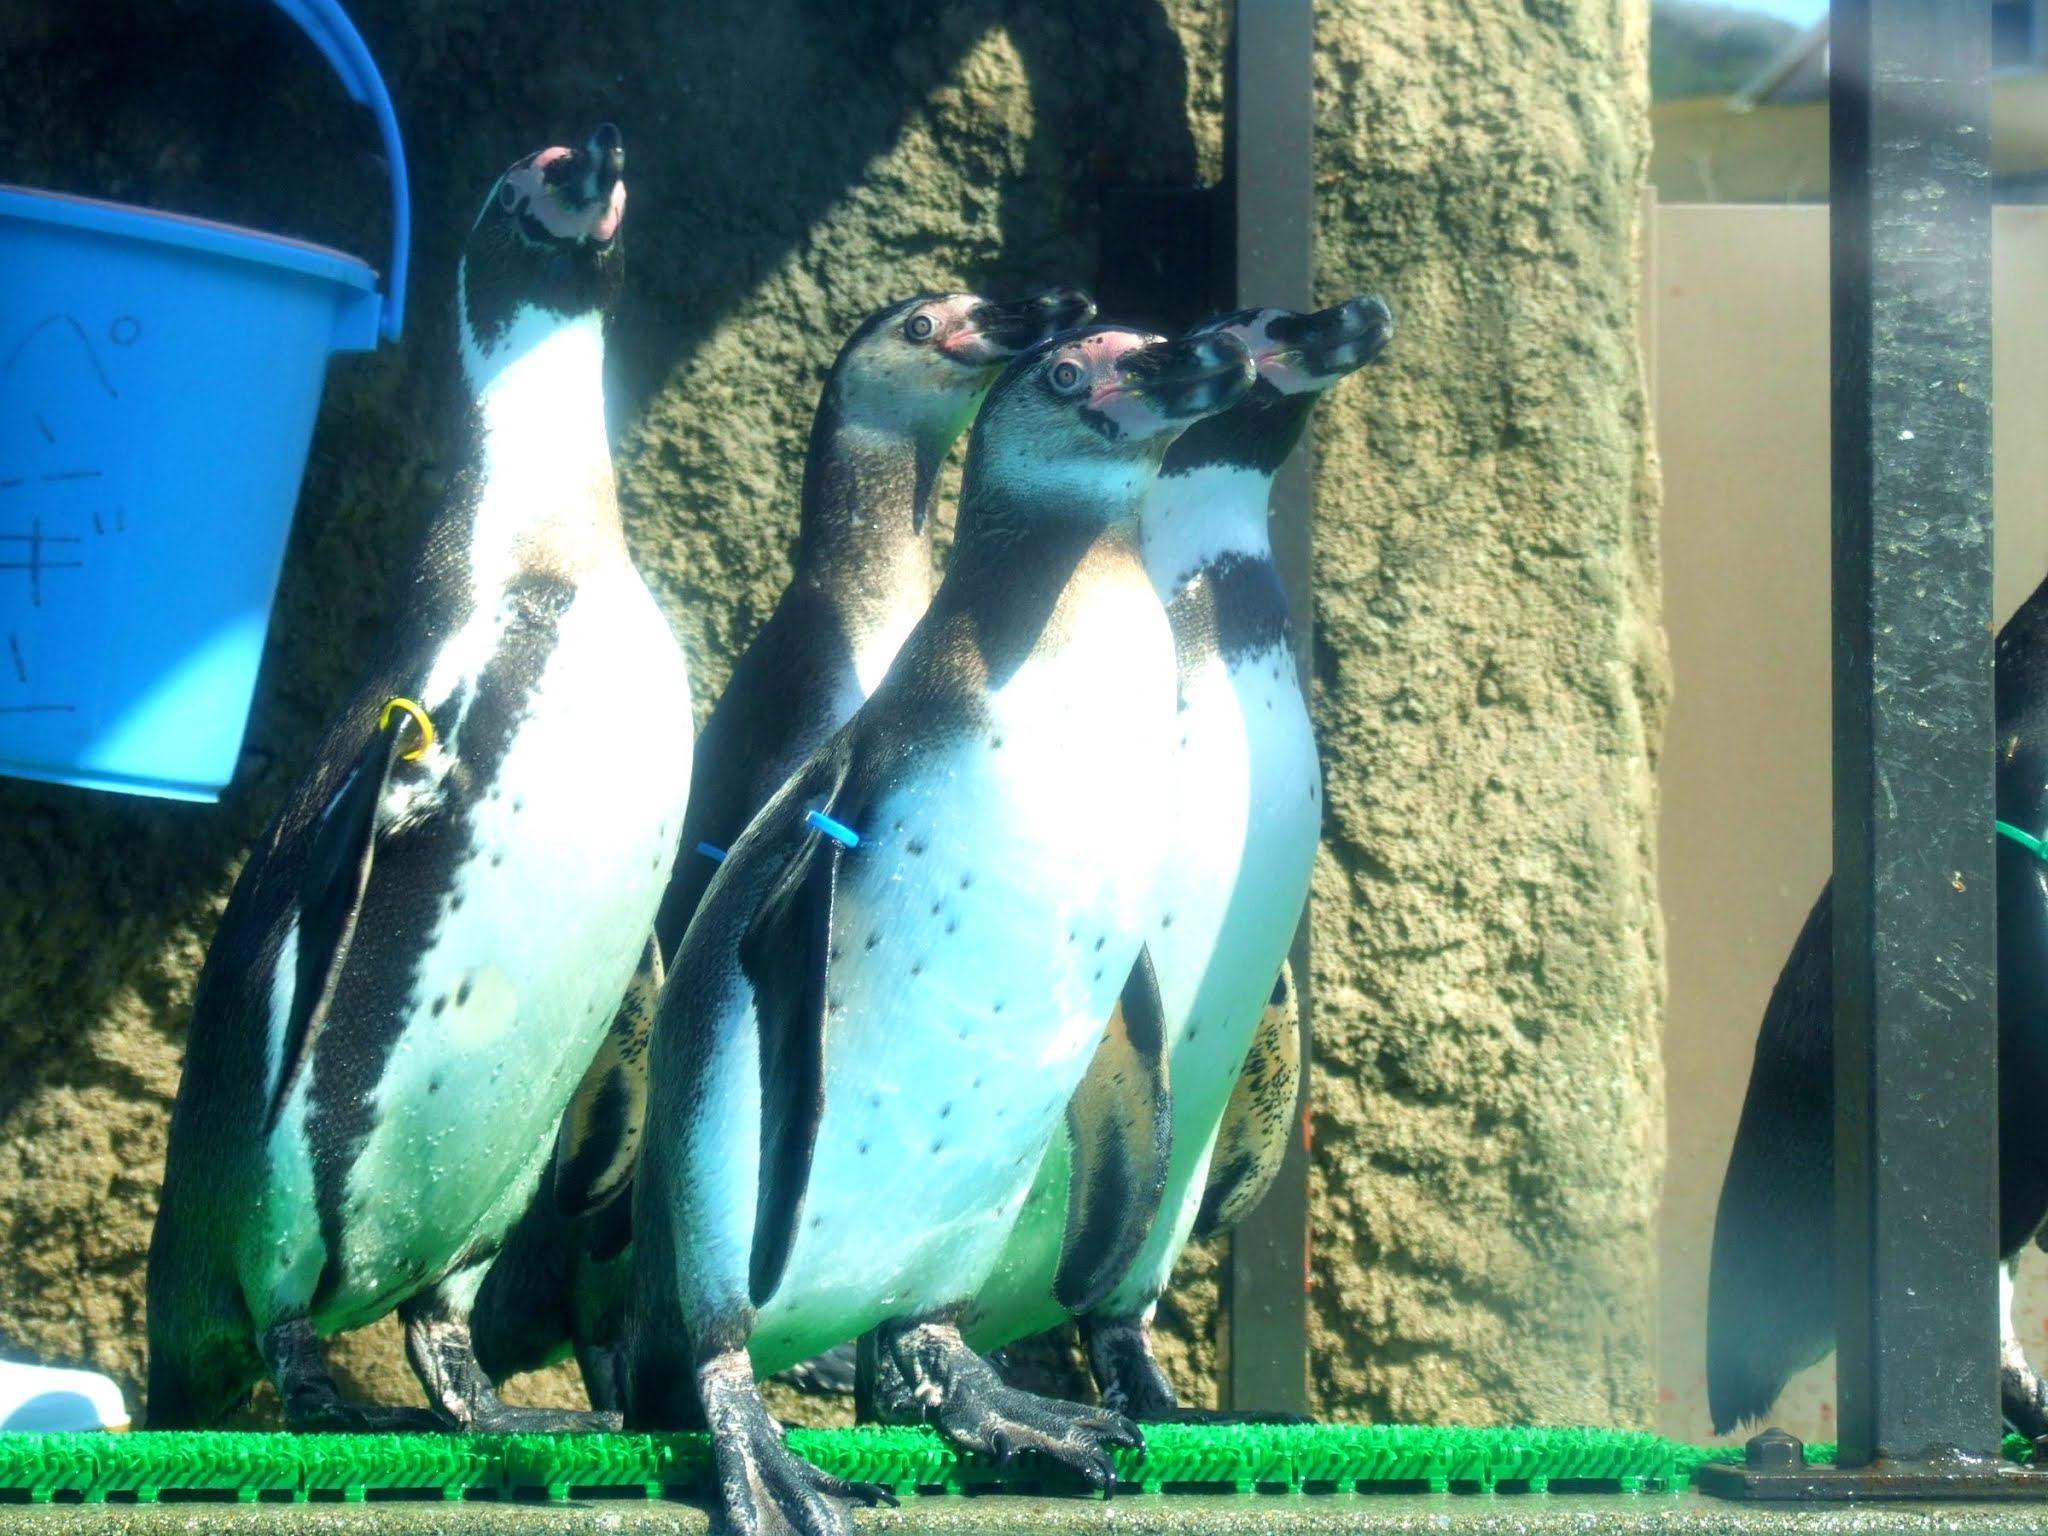 集団で一点を見つめるペンギンの写真素材です。ブログのアイキャッチなどにいかがでしょうか。